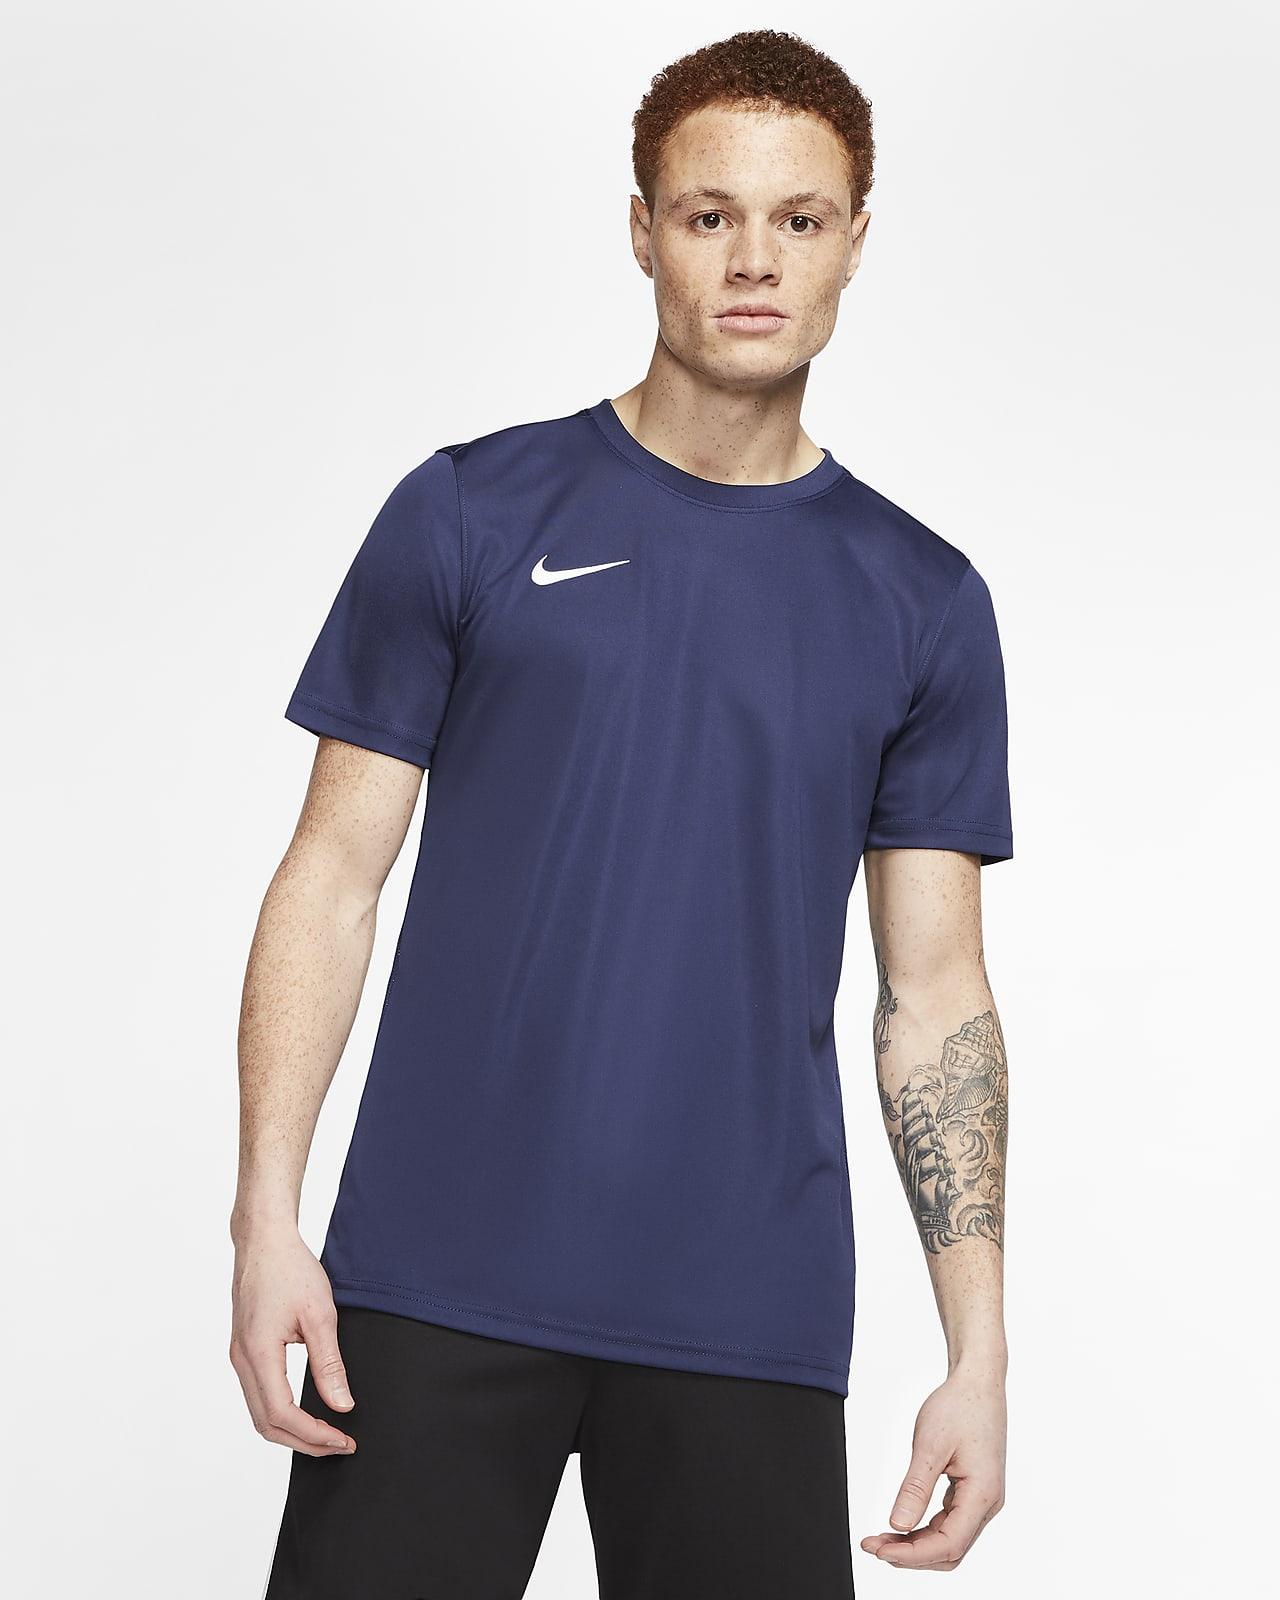 Fotbollströja Nike Dri-FIT Park 7 för män